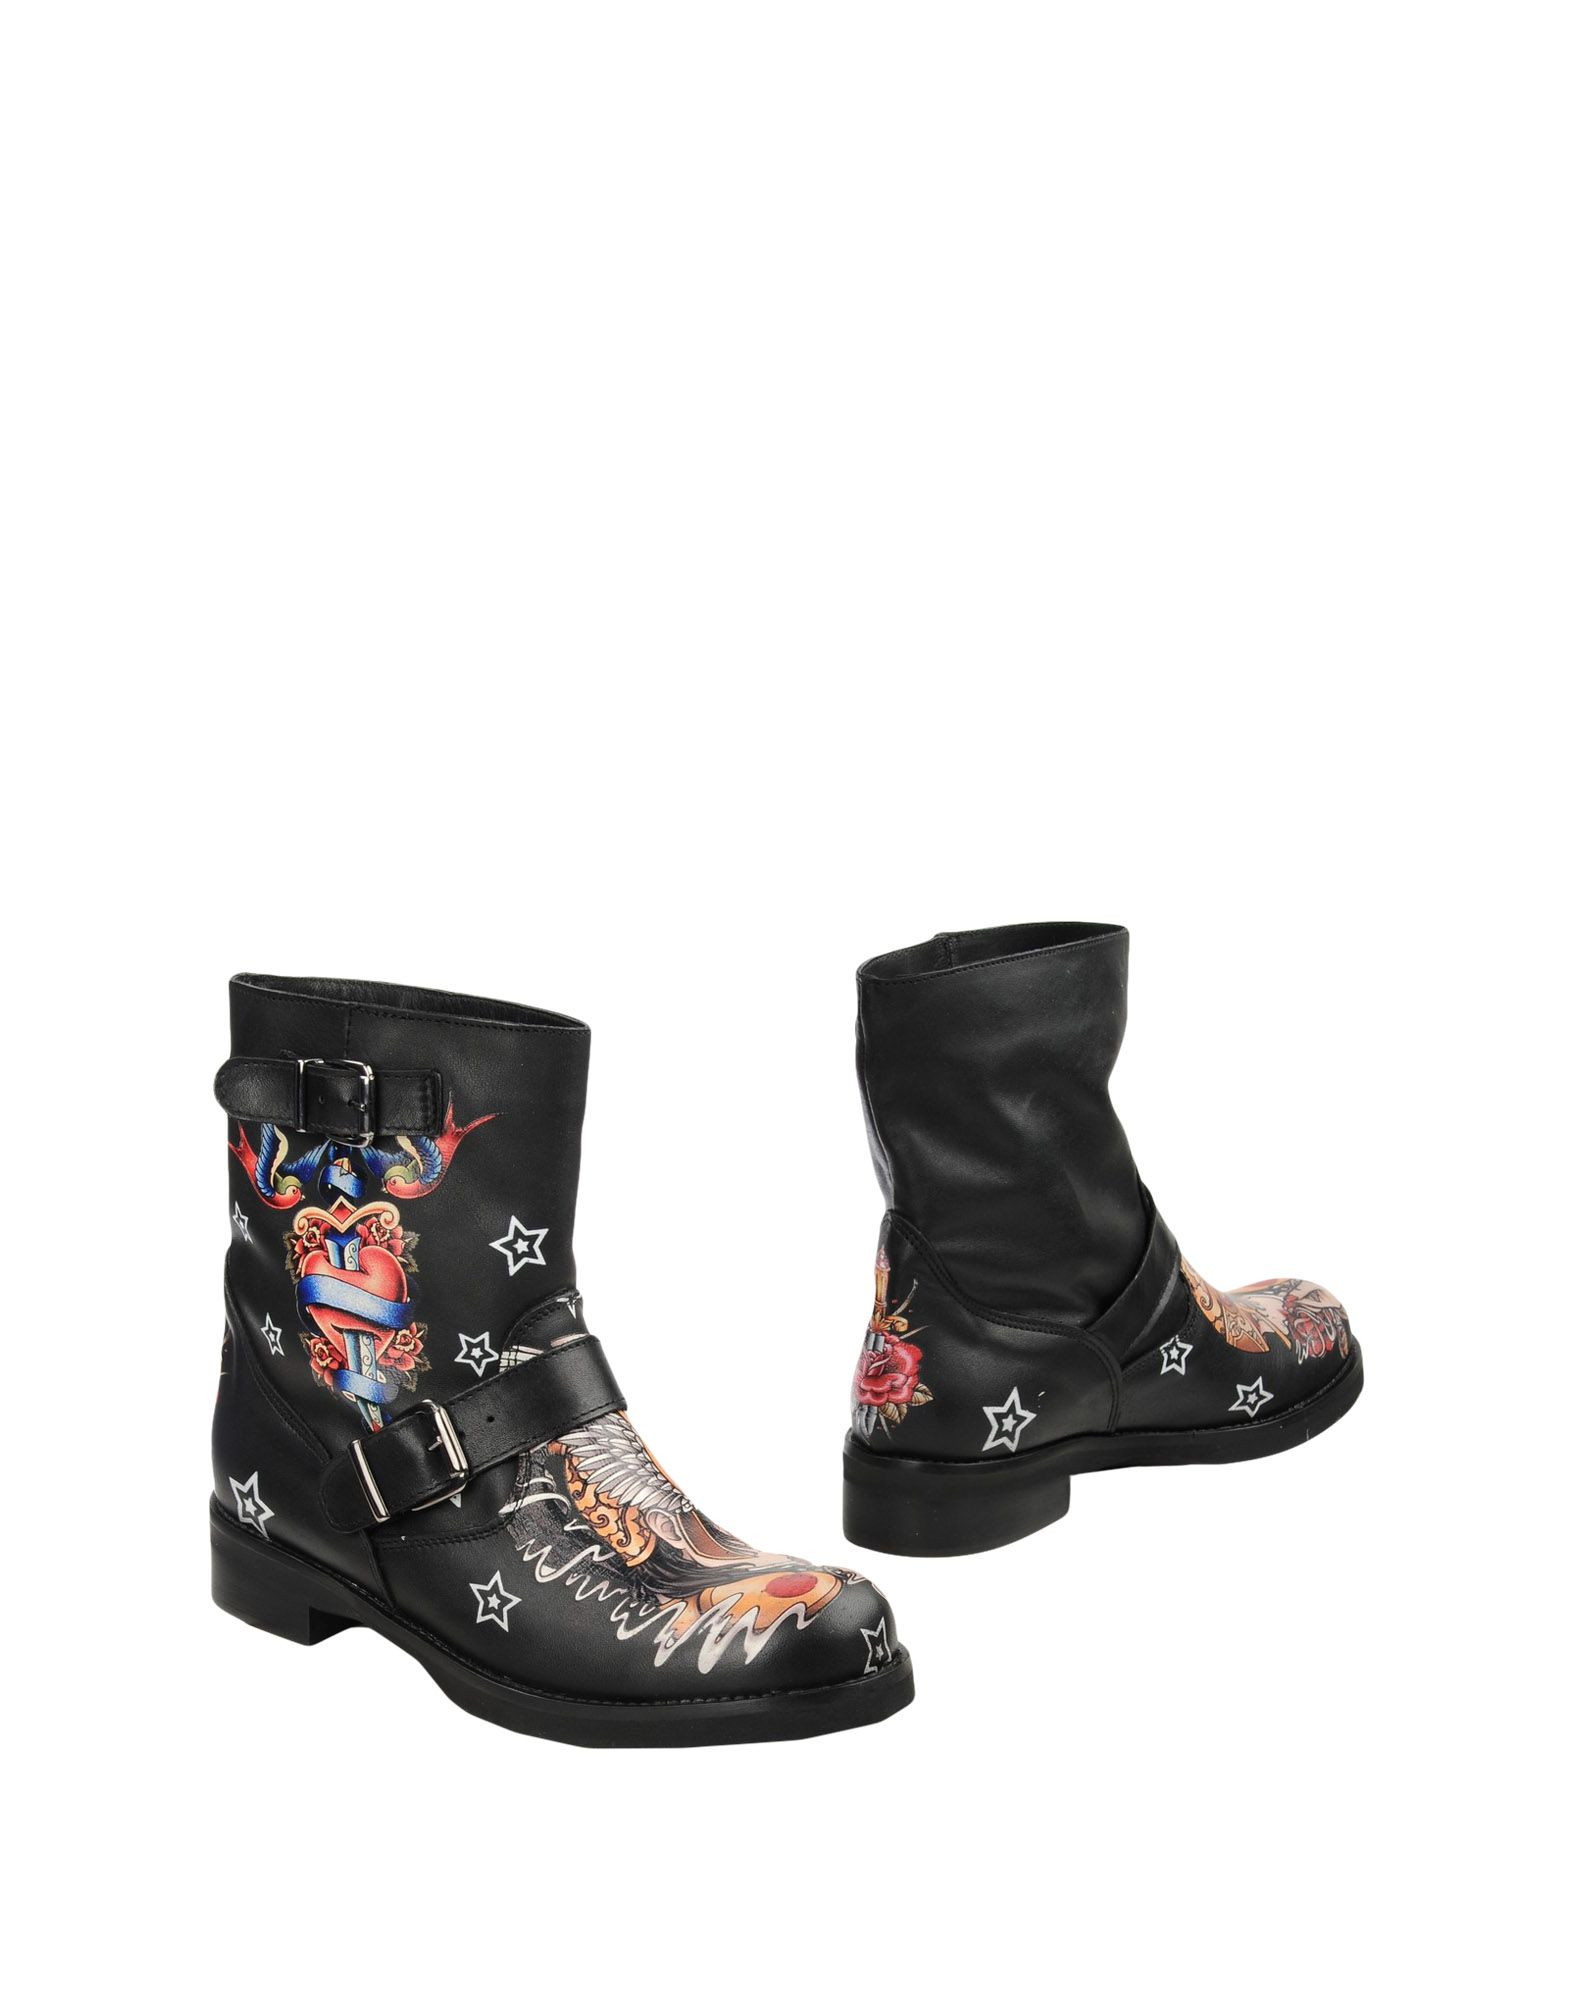 Gut um billige Schuhe zu tragenGeorge J. Love Stiefelette Damen  11397999UE